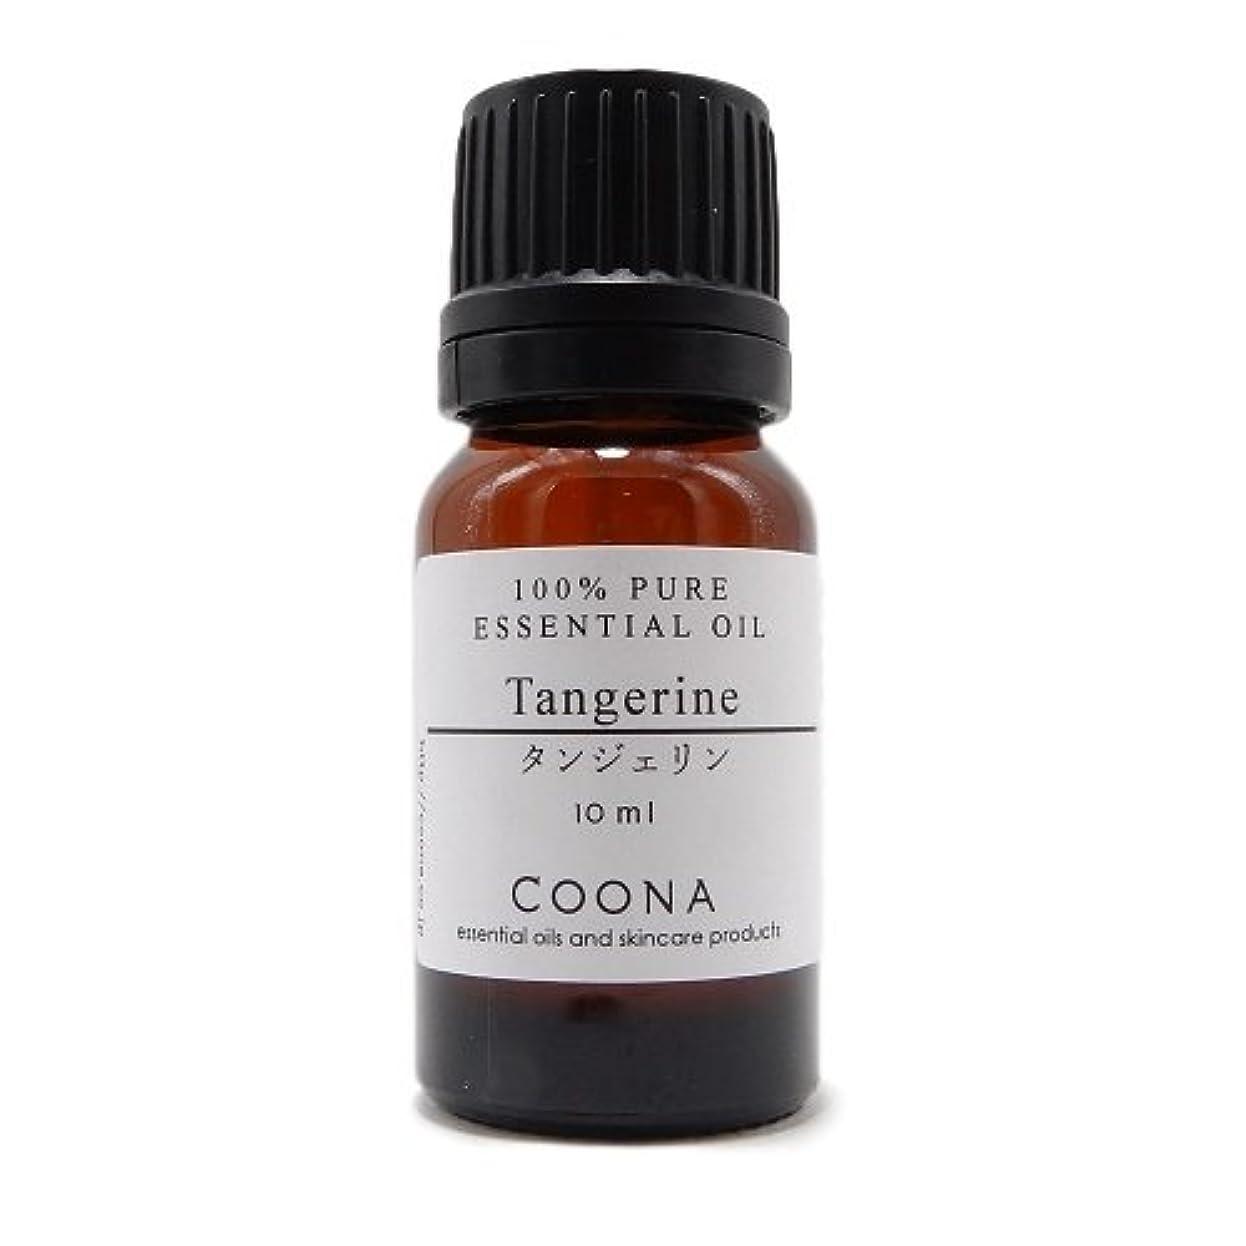 押し下げる速度ライバルタンジェリン 10 ml (COONA エッセンシャルオイル アロマオイル 100%天然植物精油)